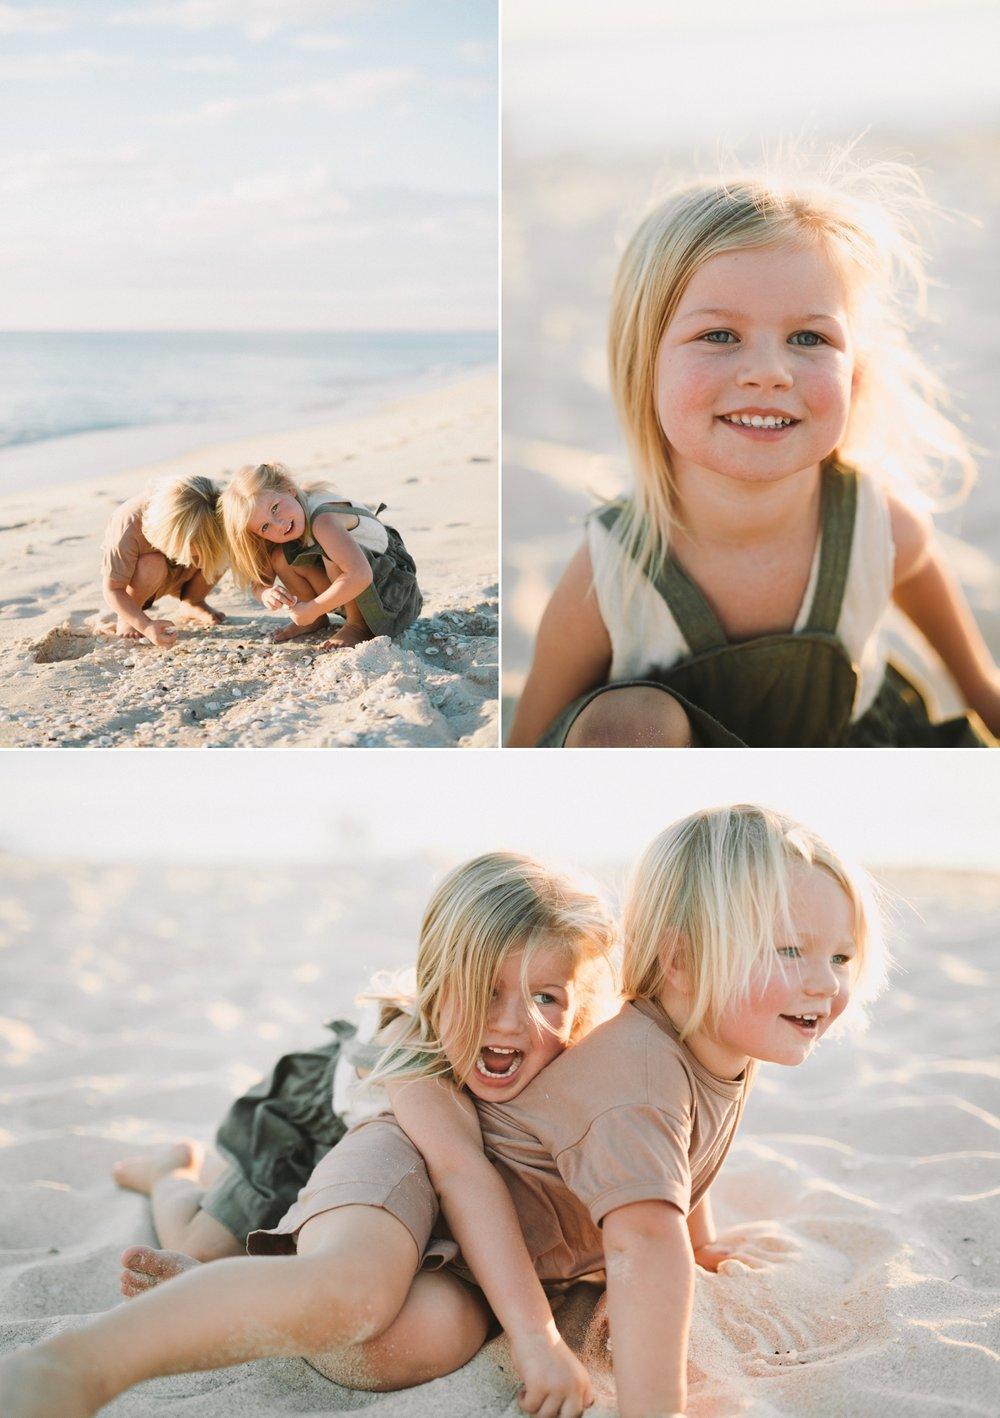 Bohannah - Perth Family Photographer - Beautiful Family Photography Perth - Yoli & Otis - www.katherineschultzphotography.com 2